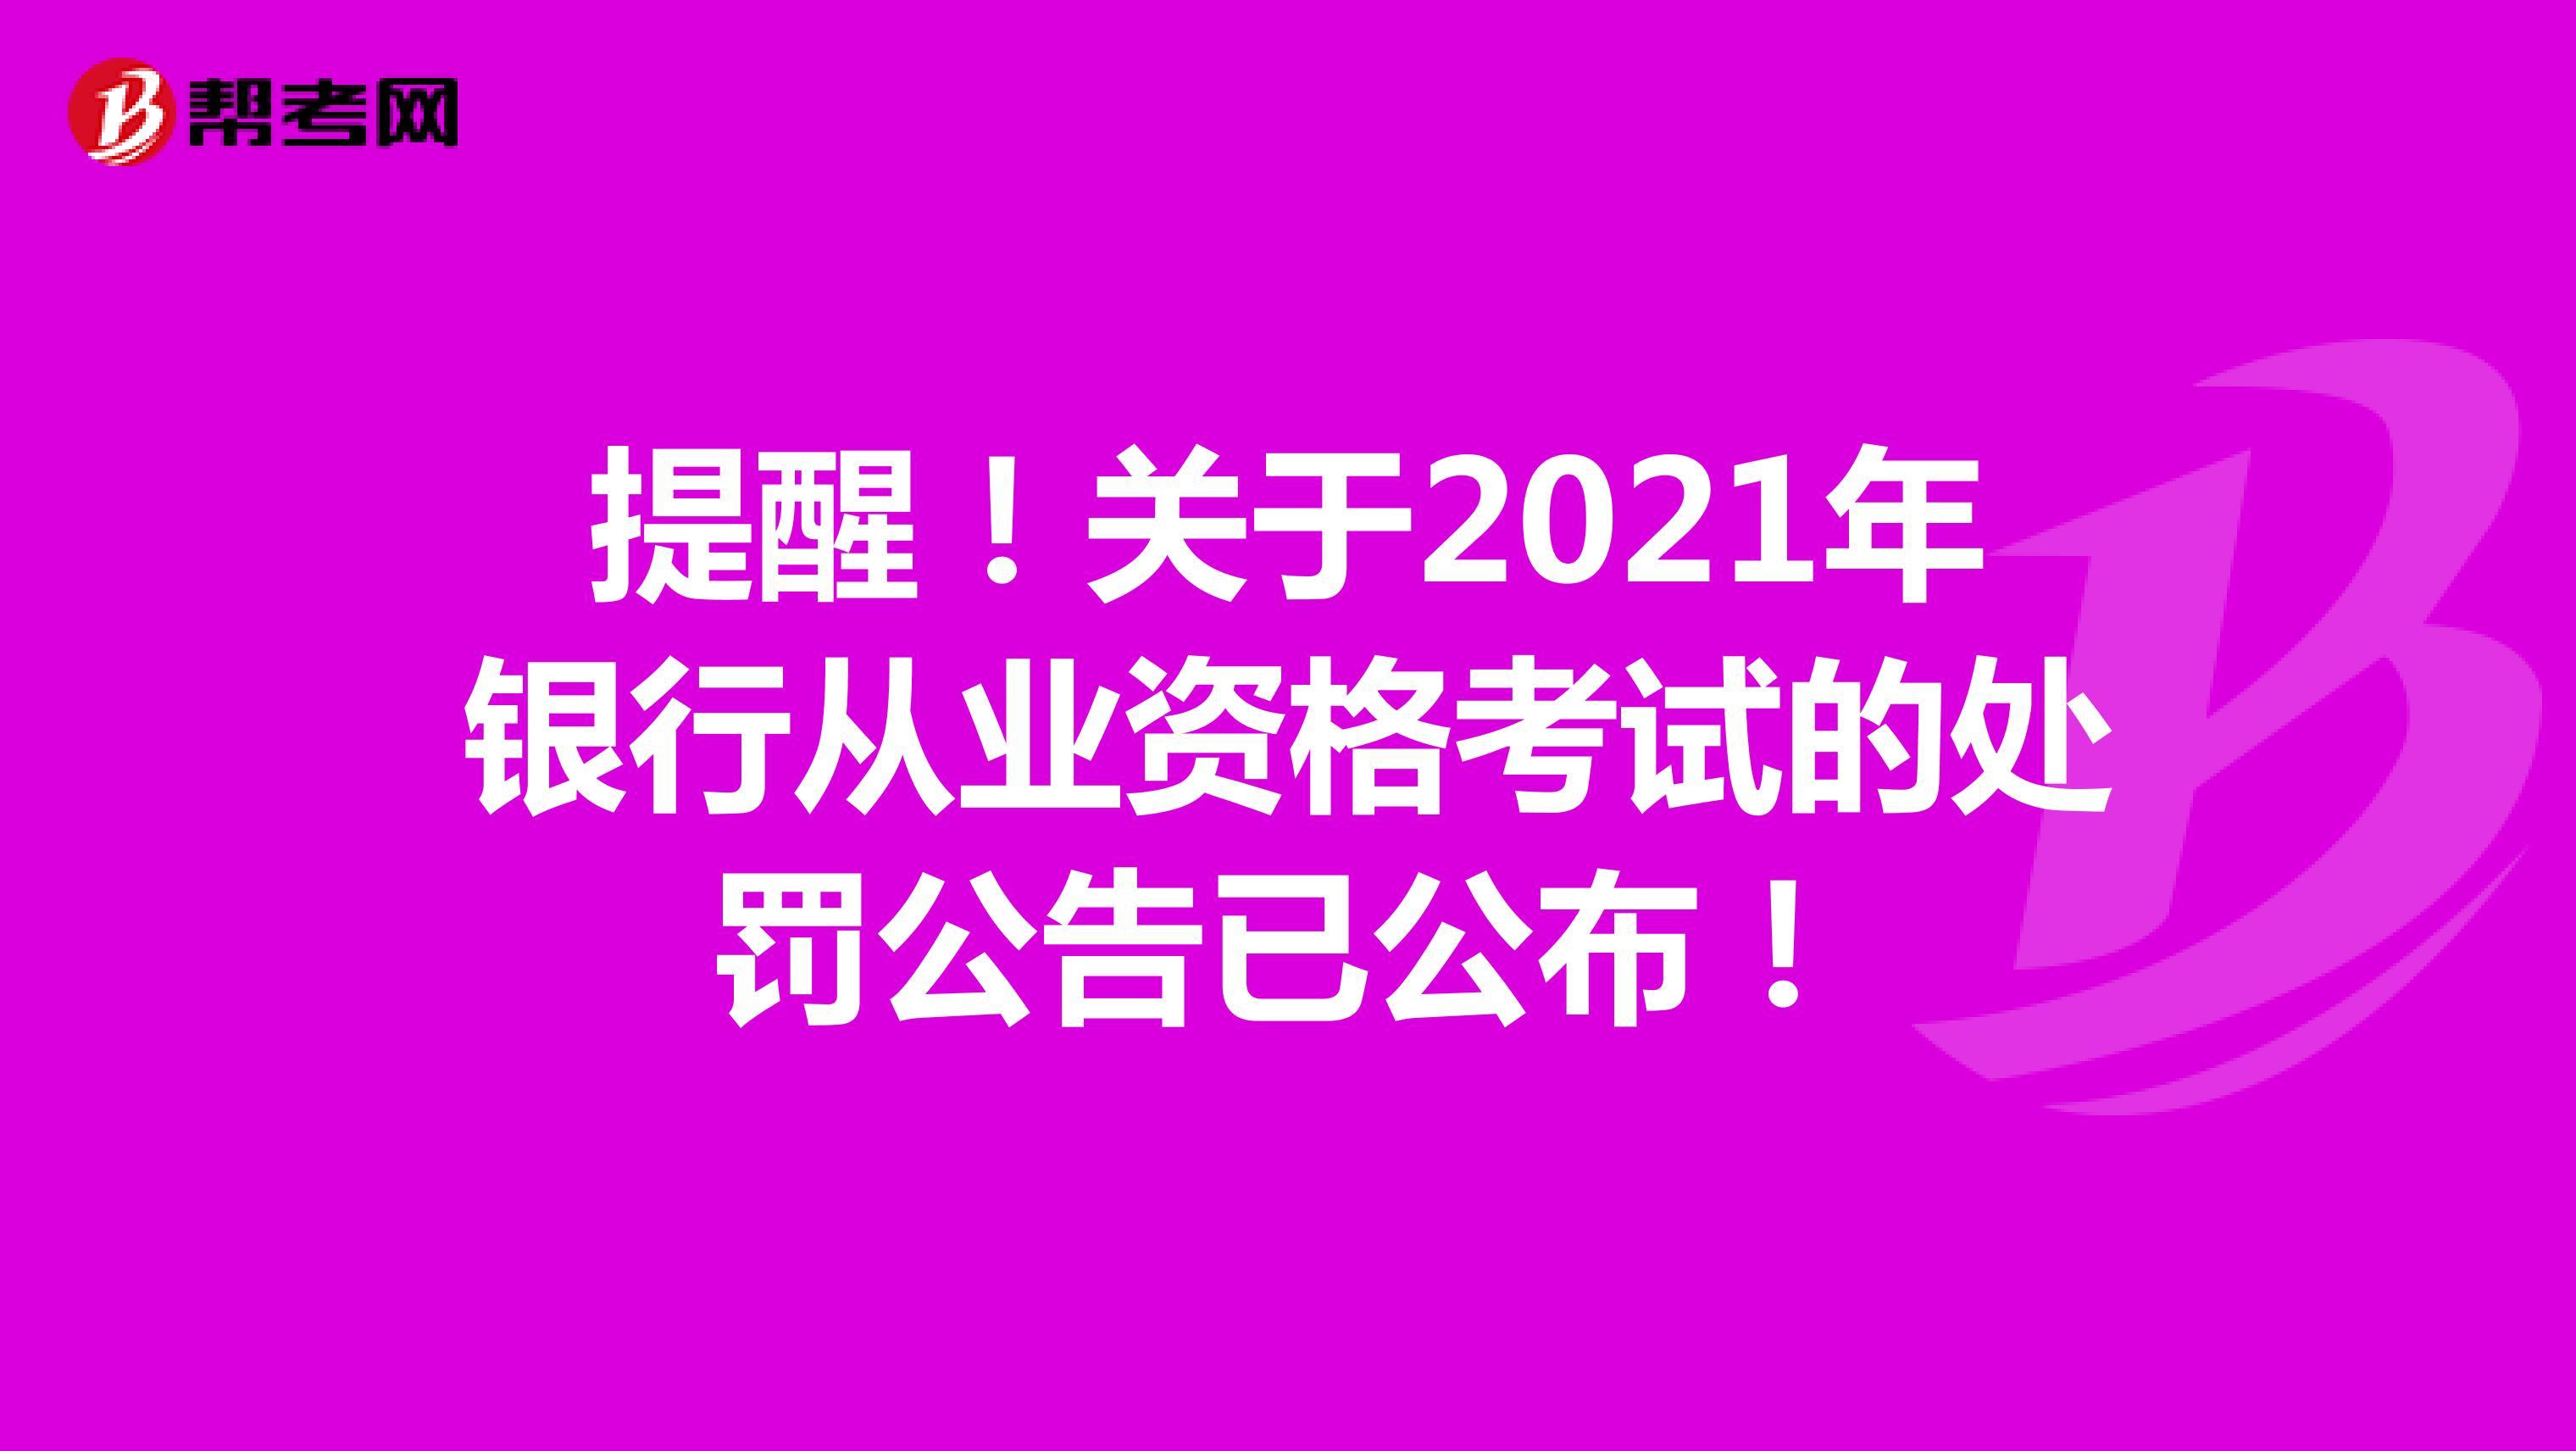 提醒!关于2021年银行从业资格考试的处罚公告已公布!